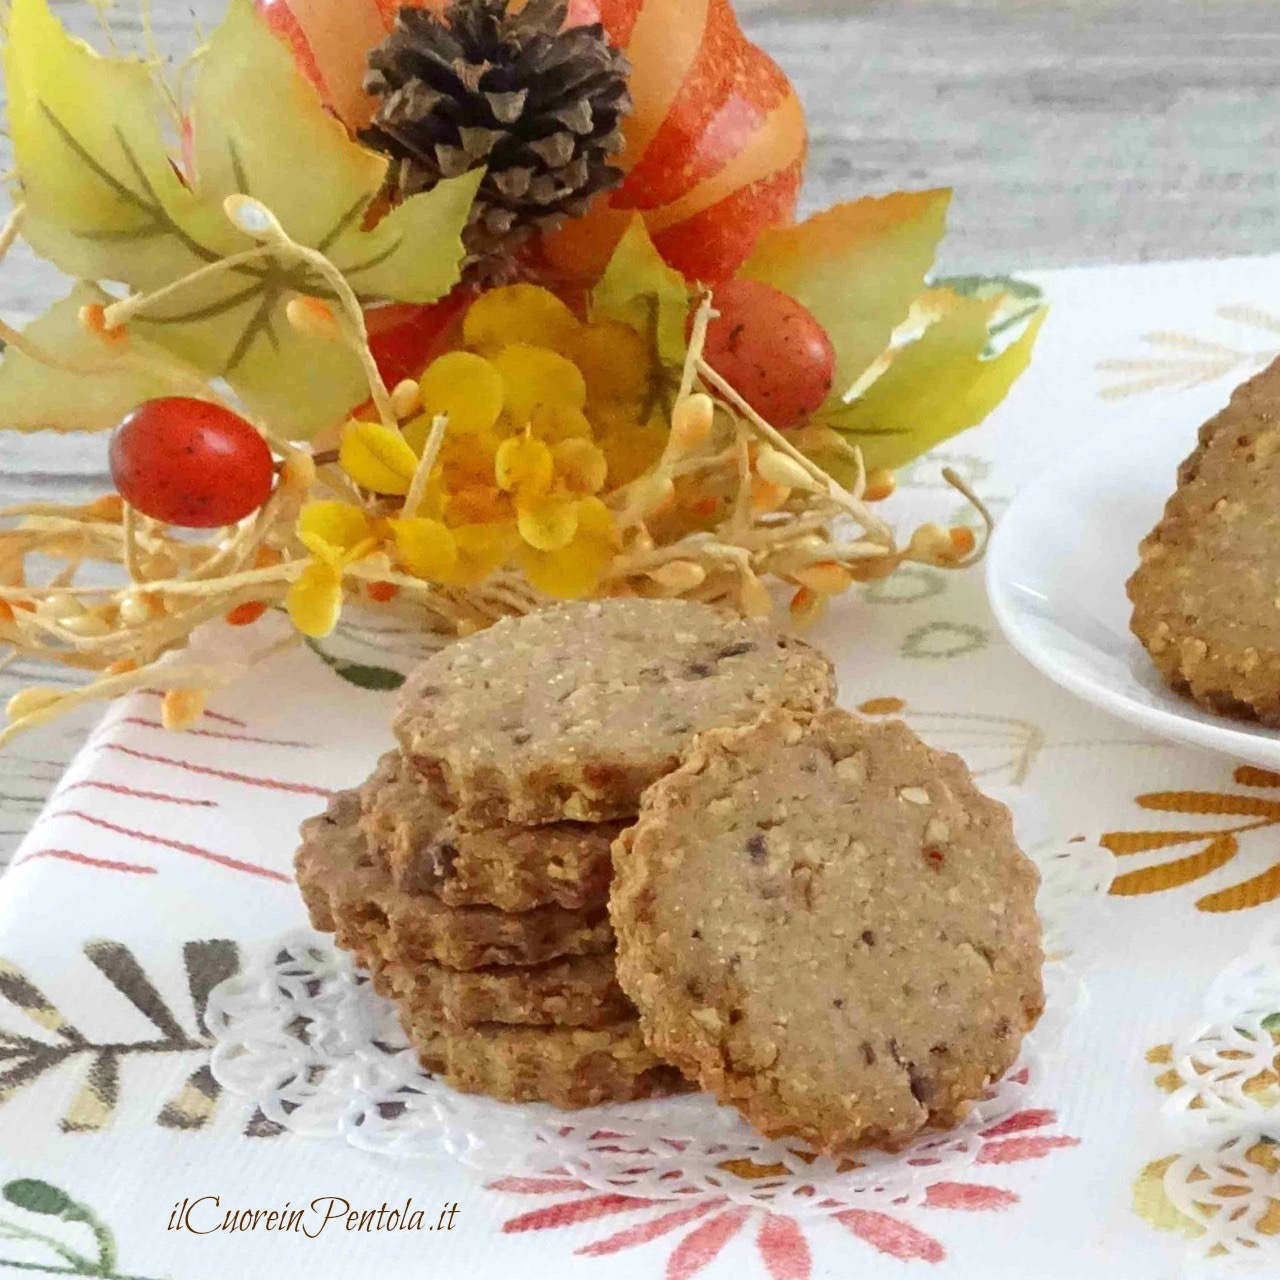 biscotti al farro